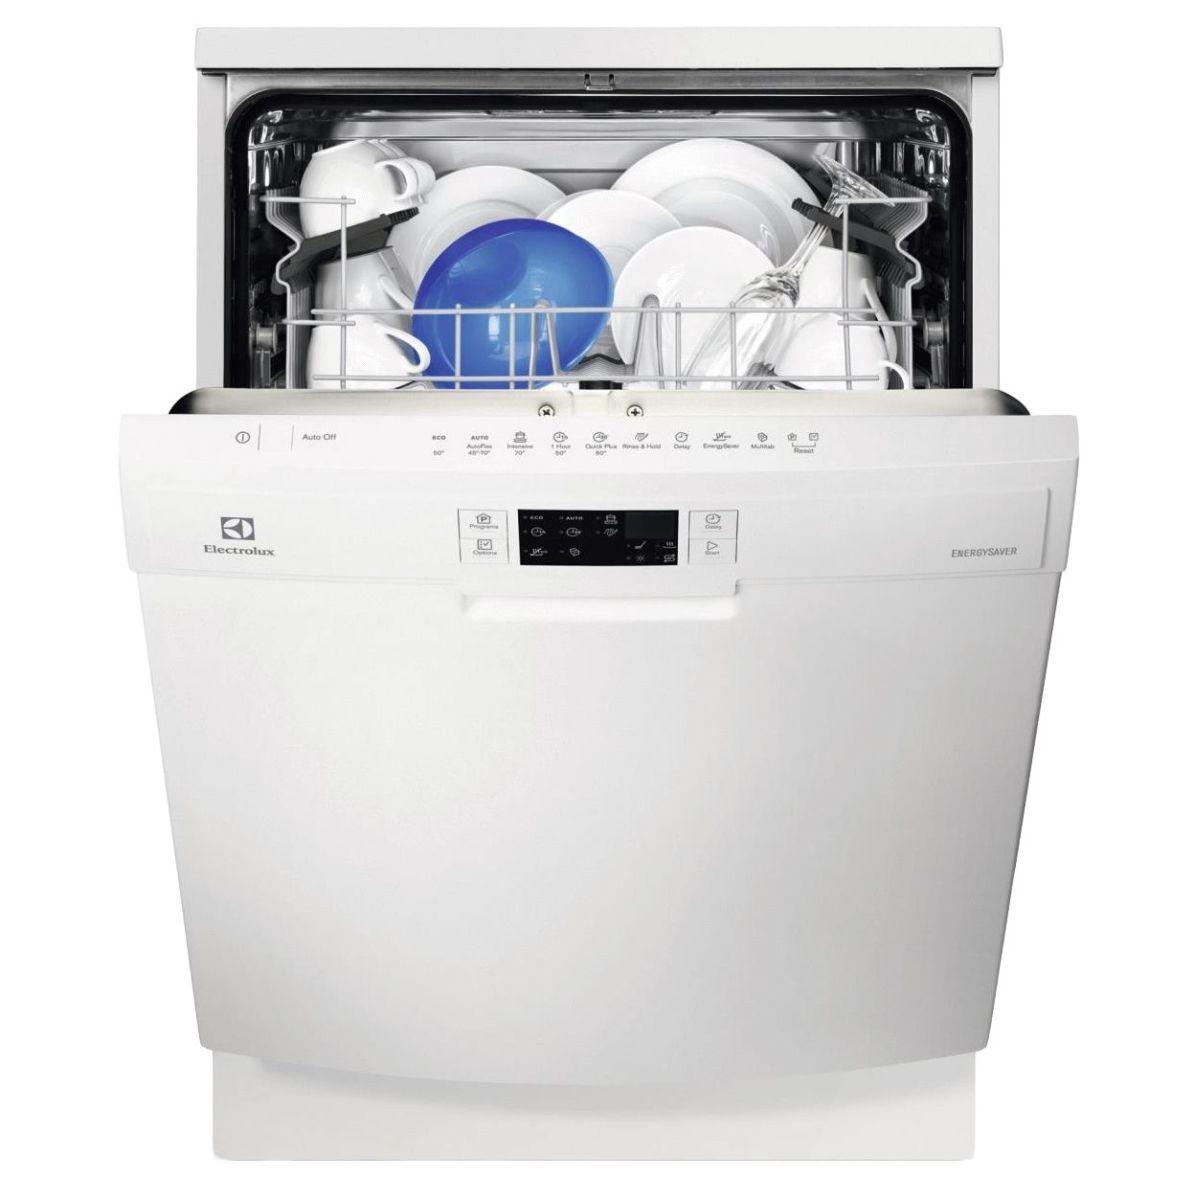 Electrolux Esf5511low Adu Un Plus De Inovație In Bucătărie Kitchen Appliances Home Appliances Appliances